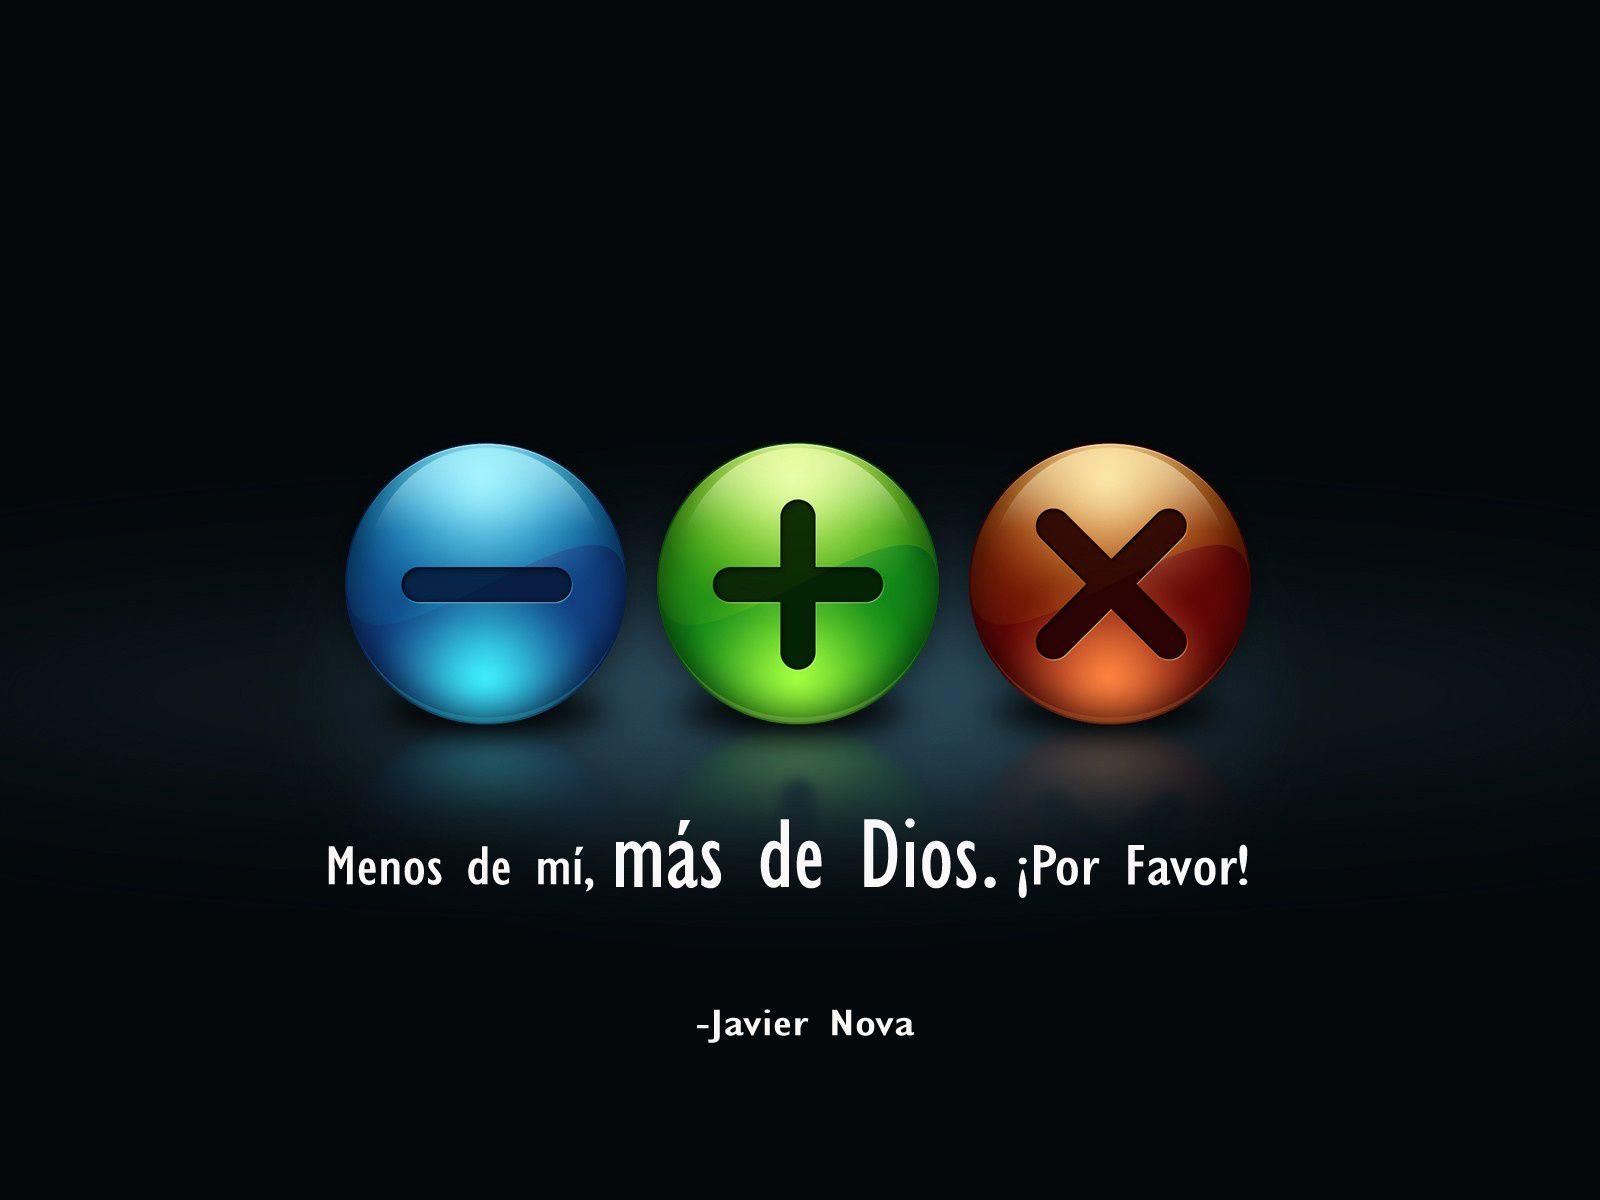 Group of wallpaper de mensajes biblicos - Fondos de pantalla cristianos ...